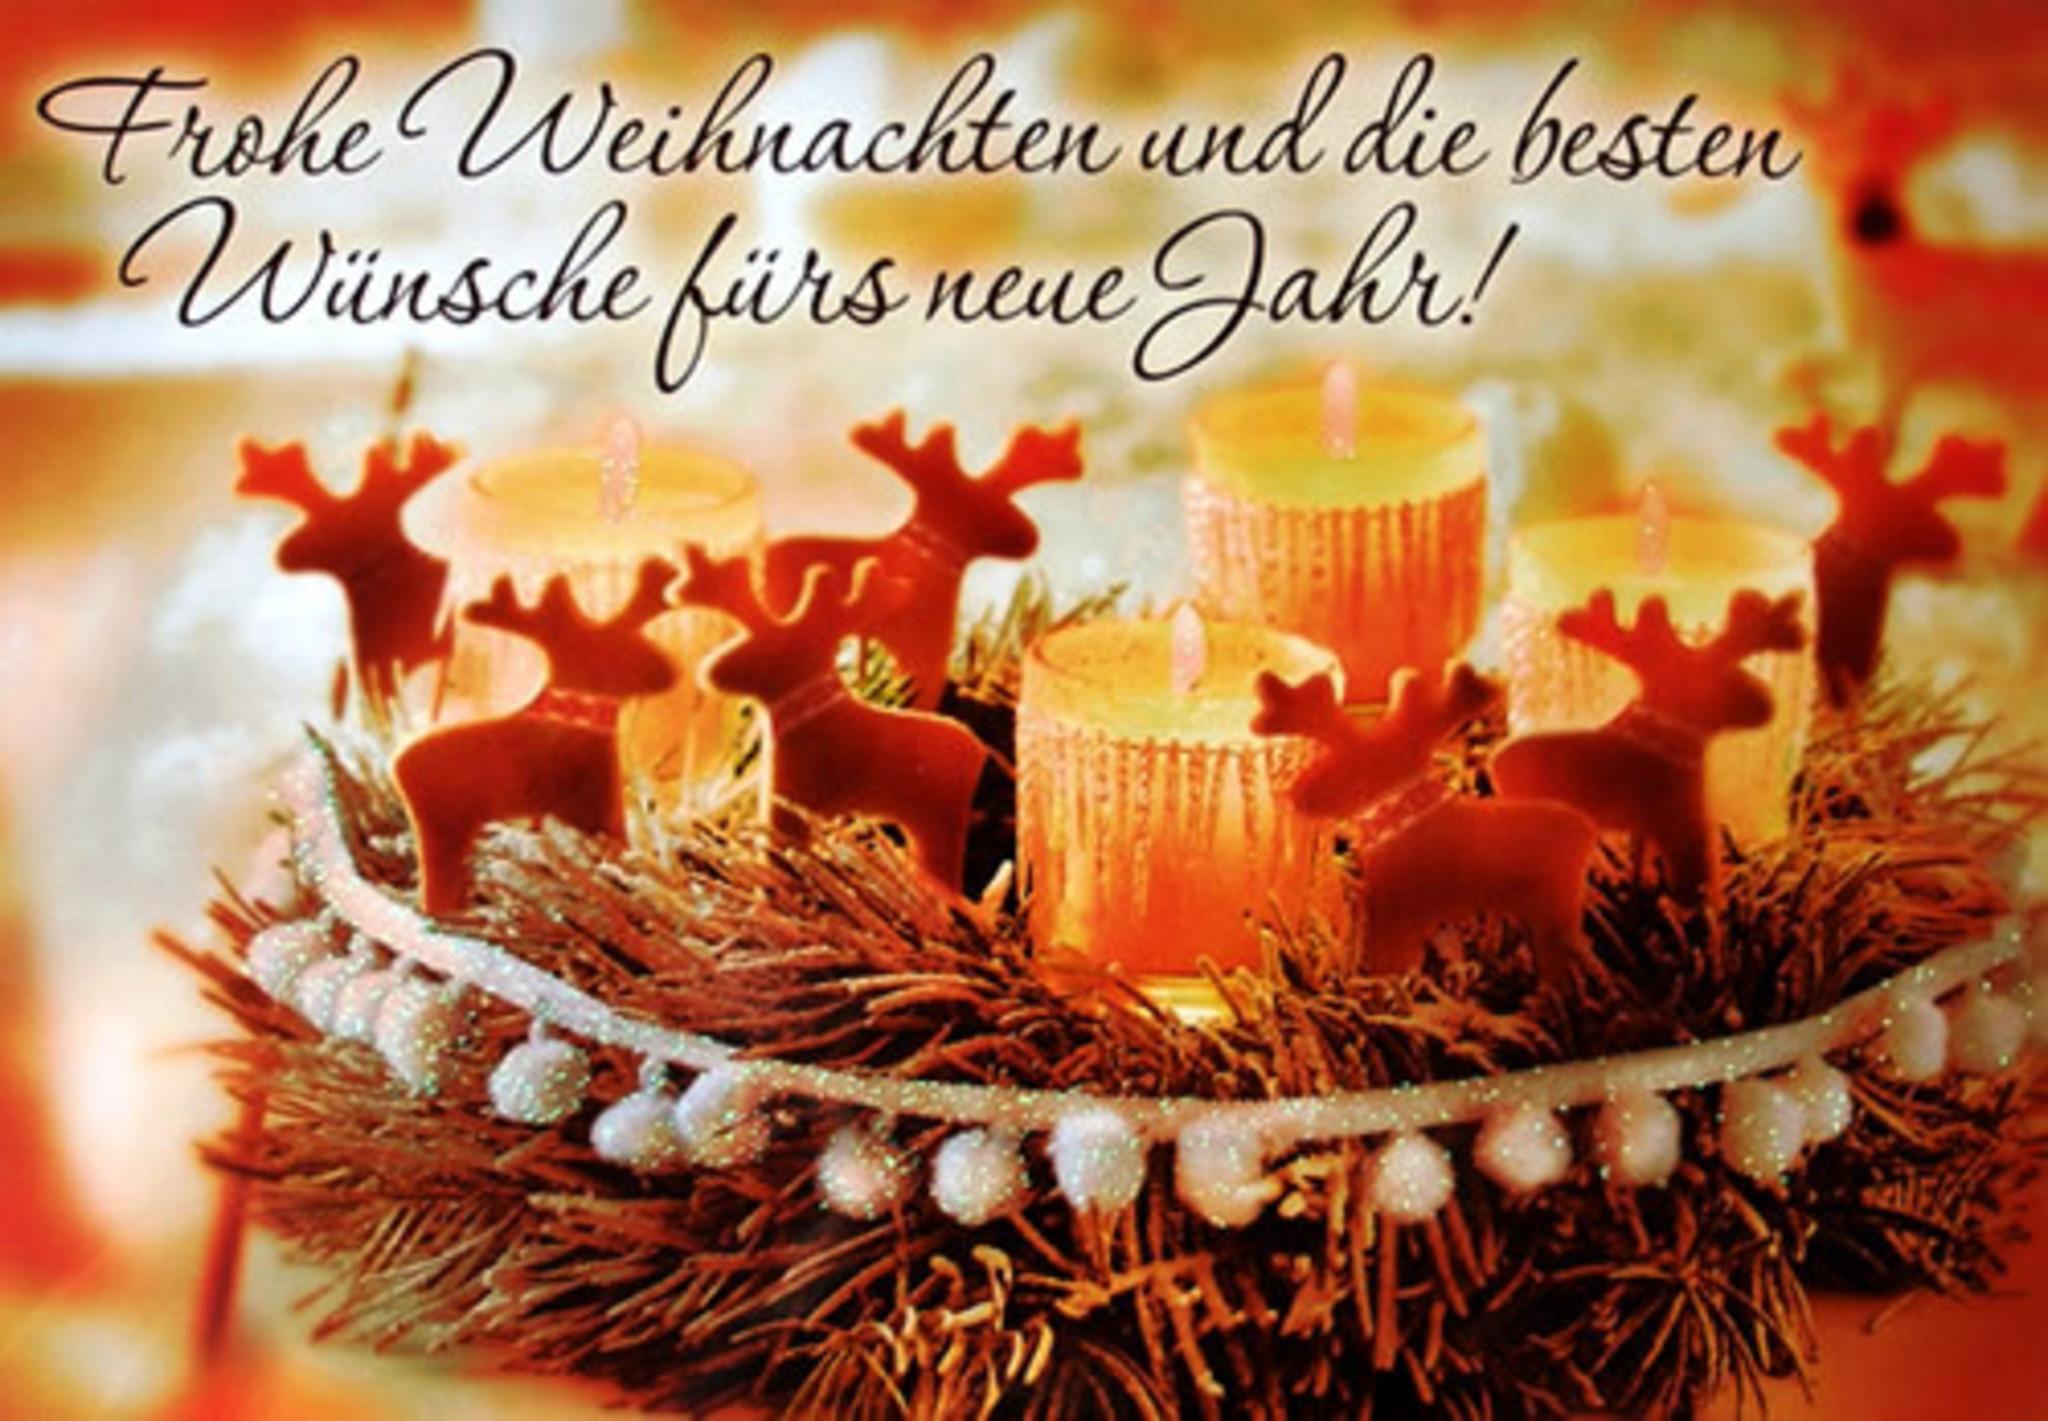 Wünsche Dir Frohe Weihnachten Und Einen Guten Rutsch.Wünsche Euch Ein Frohes Weihnachtsfest Und Einen Guten Rutsch Ins